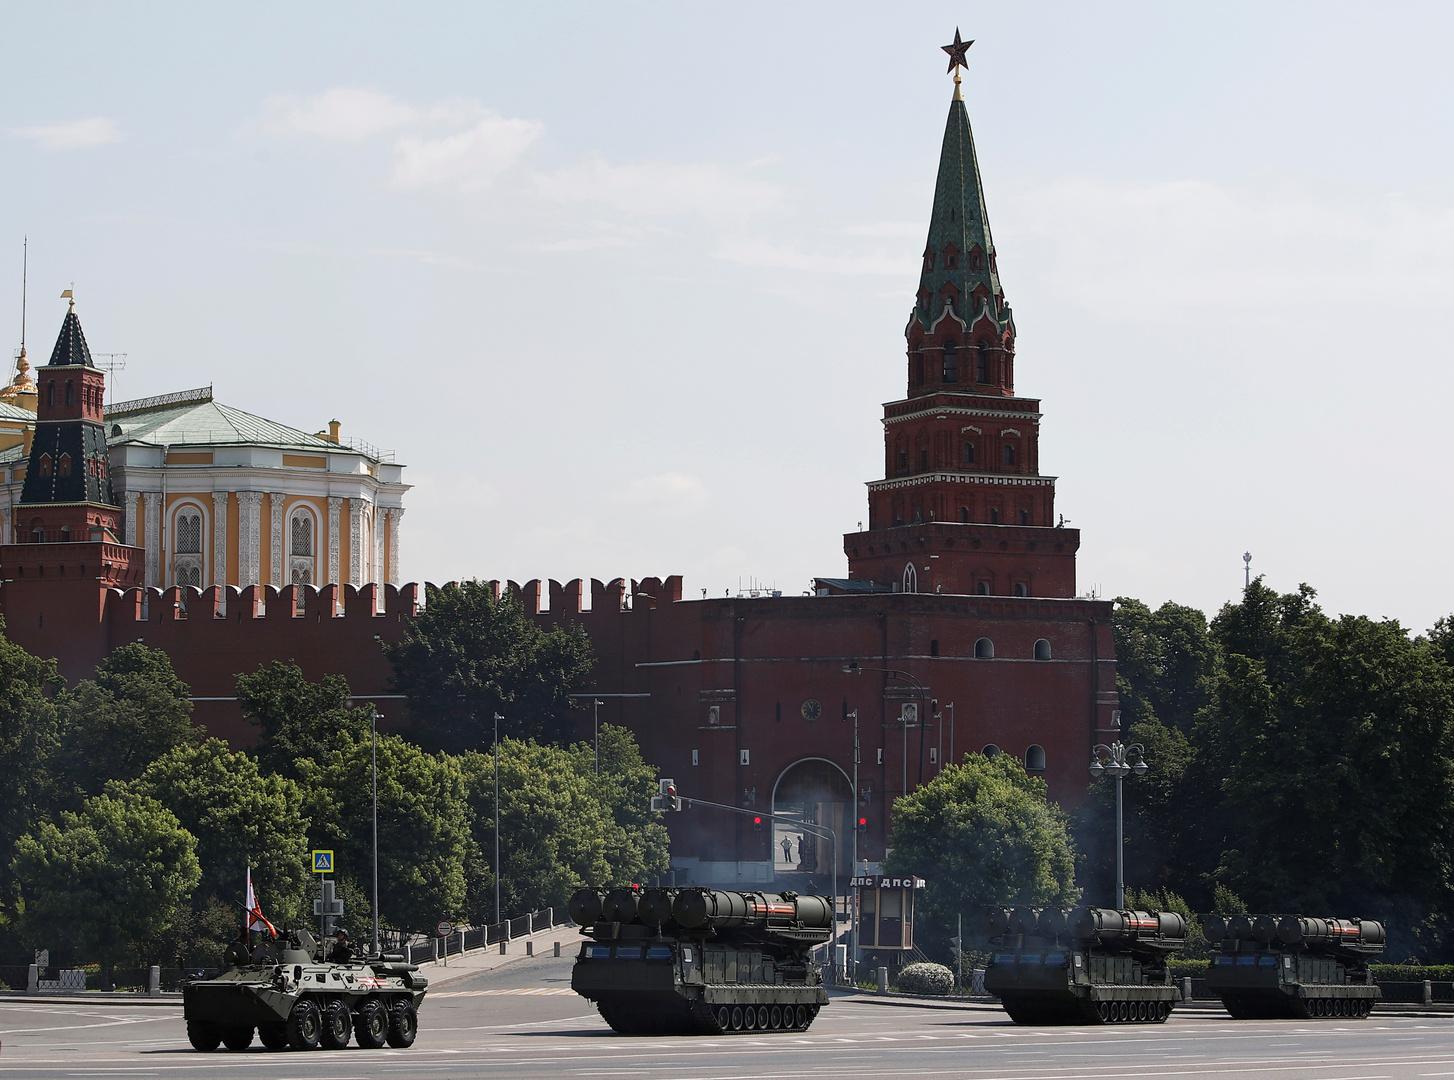 الكرملين يرد على مزاعم بريطانيا حول التدخل الروسي في السياسة البريطانية